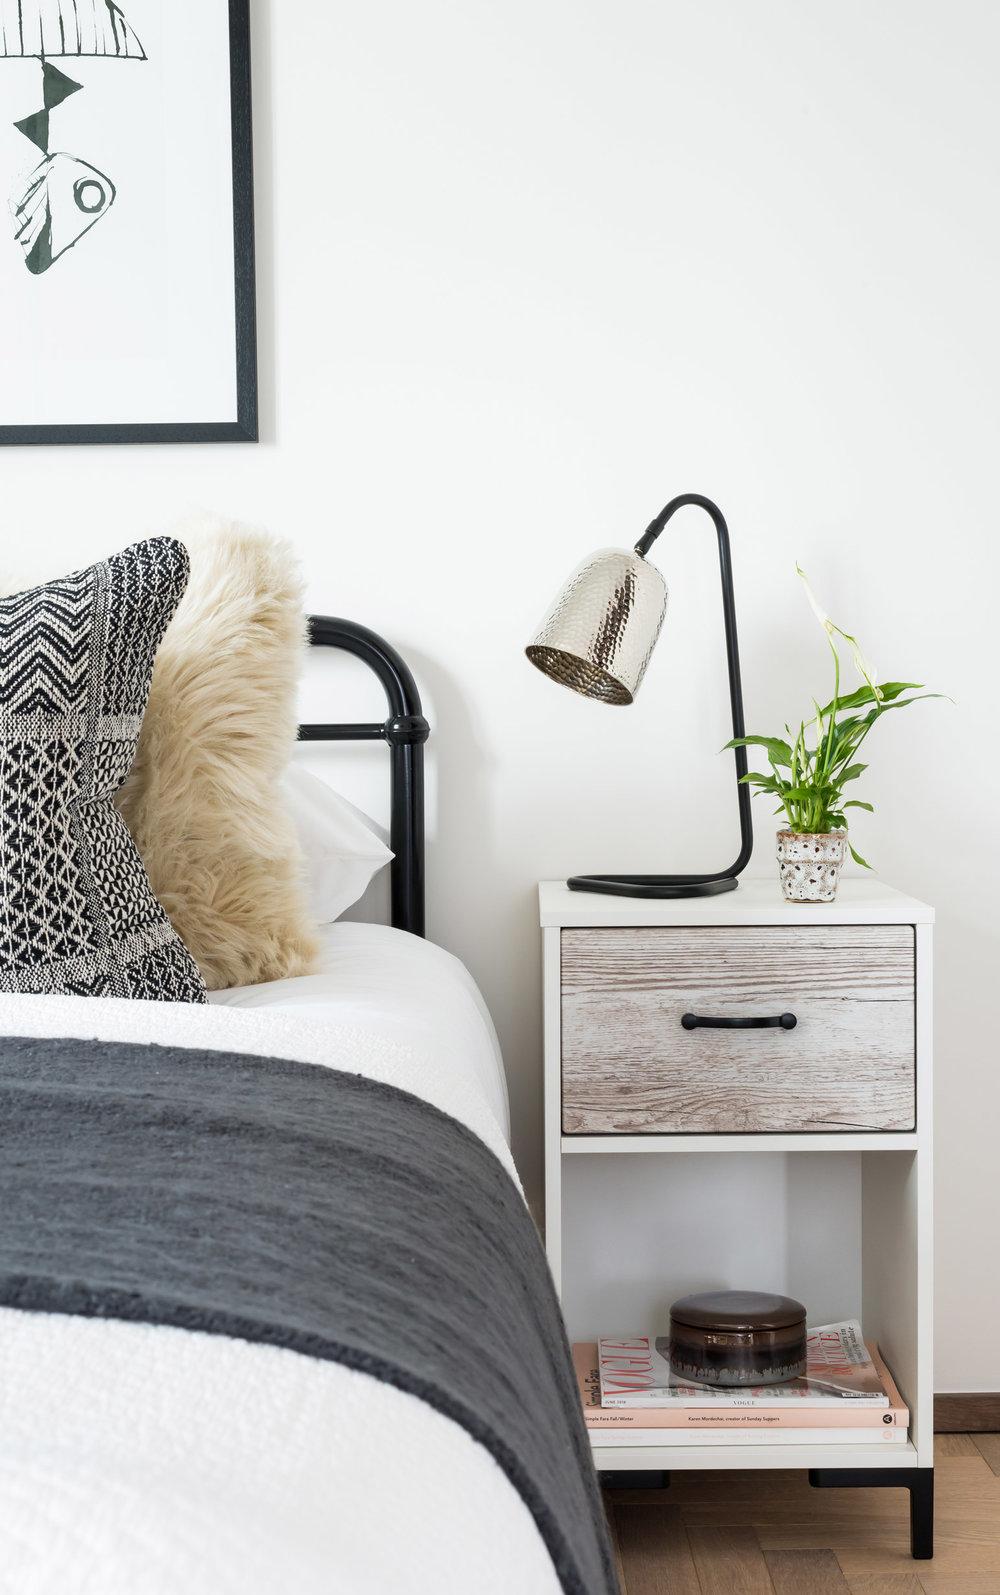 Mosse_20_Bedroom.jpg